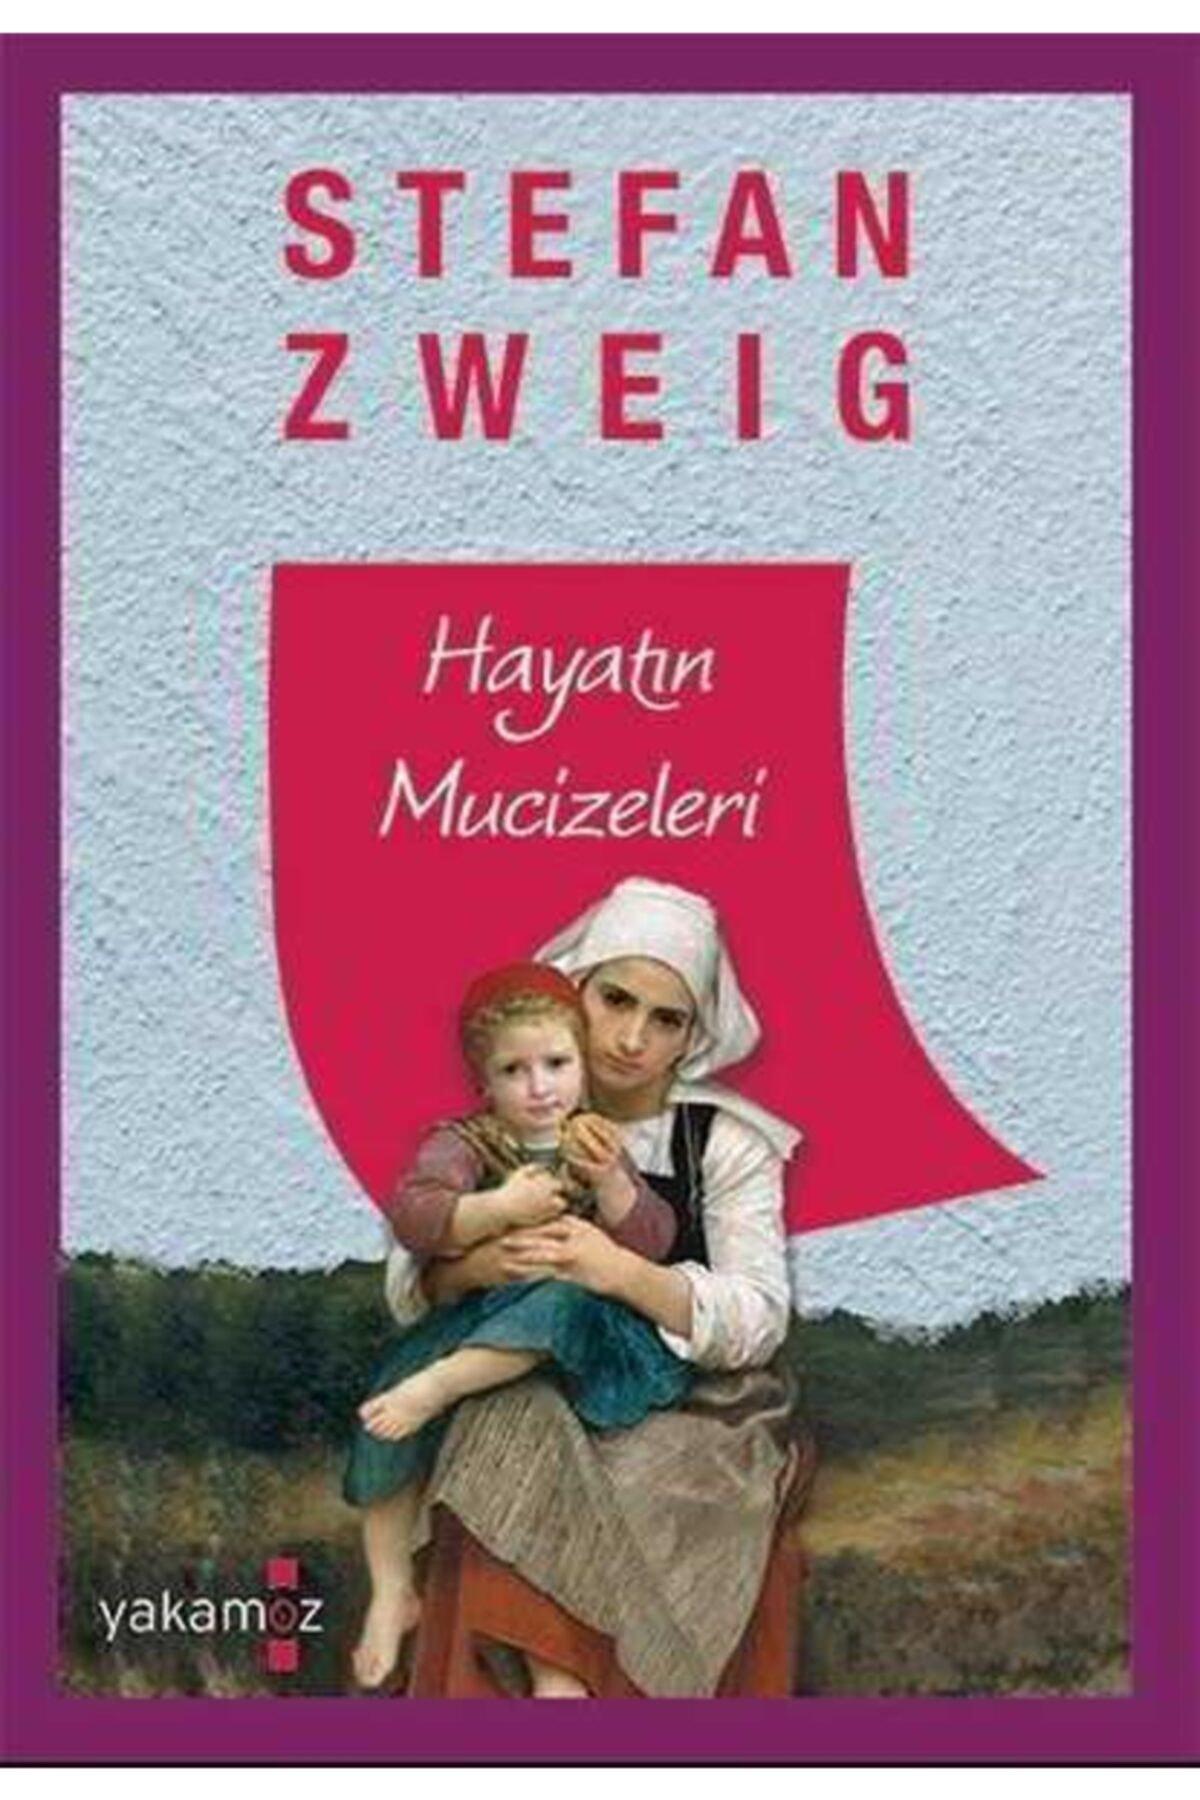 Yakamoz Yayınları Hayatın Mucizeleri - Stefan Zweig - Yakamoz Yayınevi 1